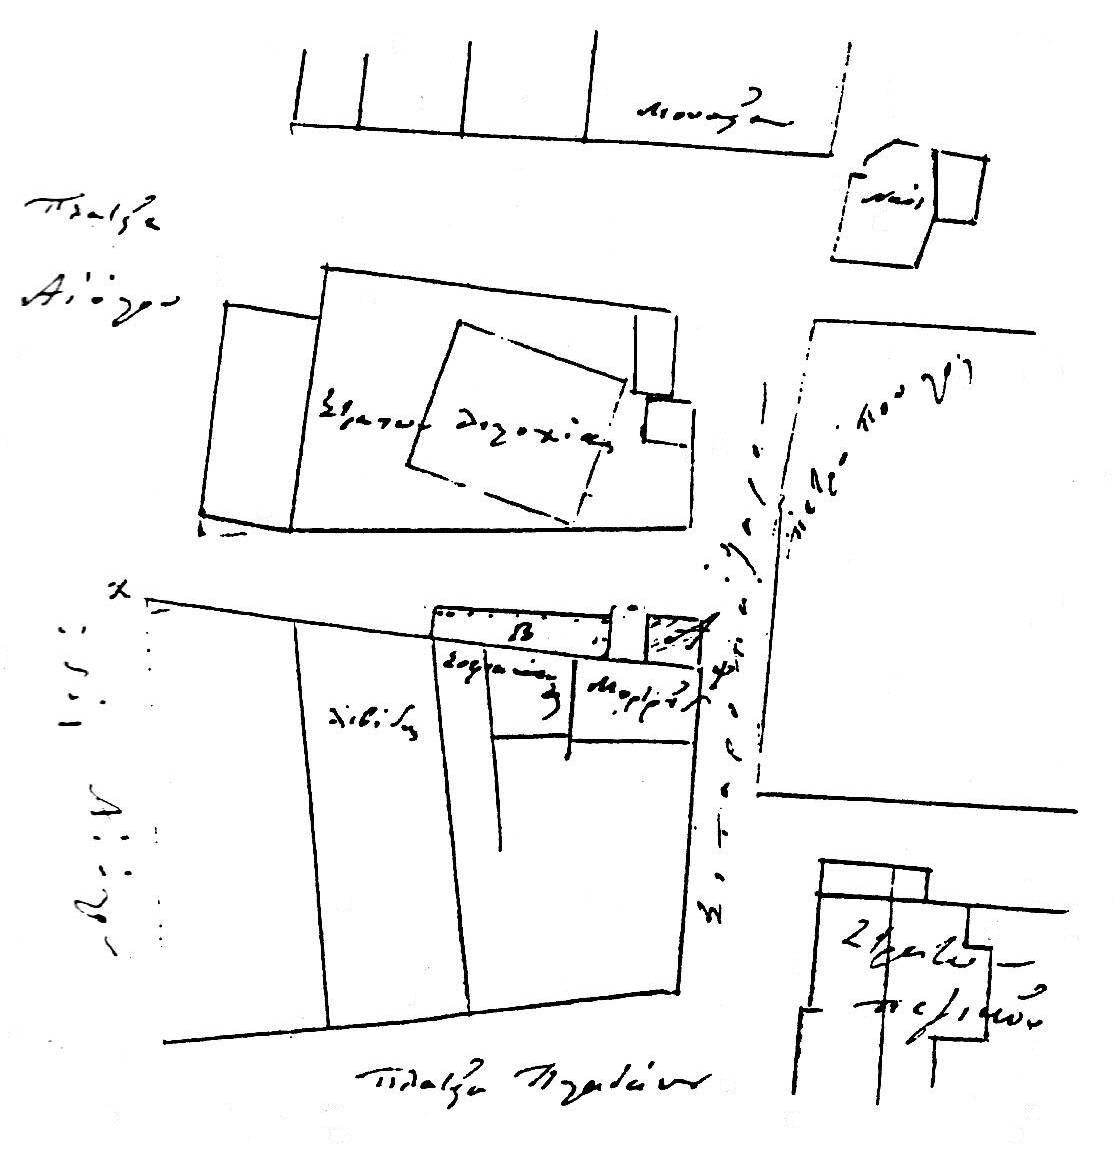 Εικ. 4. Το οικοδομικό τετράγωνο μεταξύ των οδών Αδριανού, Αιόλου, Πελοπίδα και Πανός (Γ.Α.Κ., Σχέδιο Πόλεως Αθηνών, φάκελος 5, συνοδεύει έγγραφο της 14ης Ιουνίου 1851, ανασχεδίαση Δ. Ρουμπιέν). Ο βορράς είναι προς τα κάτω.